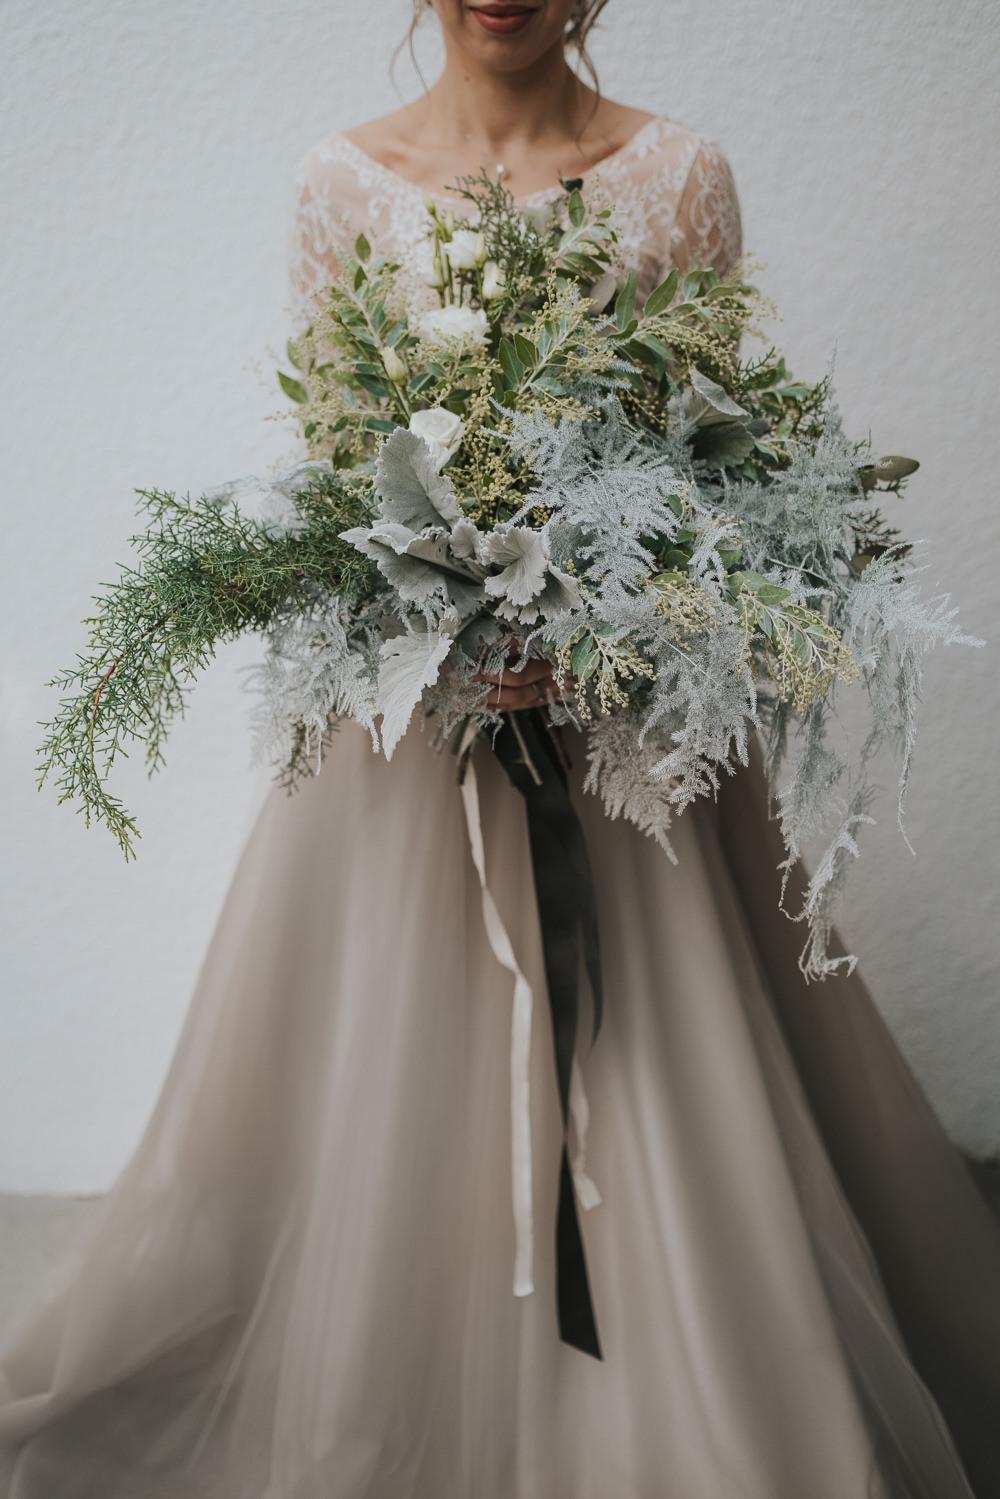 Bouquet Flowers Bride Bridal Ribbon Greenery Foliage Grey Wedding Ideas Grace Elizabeth